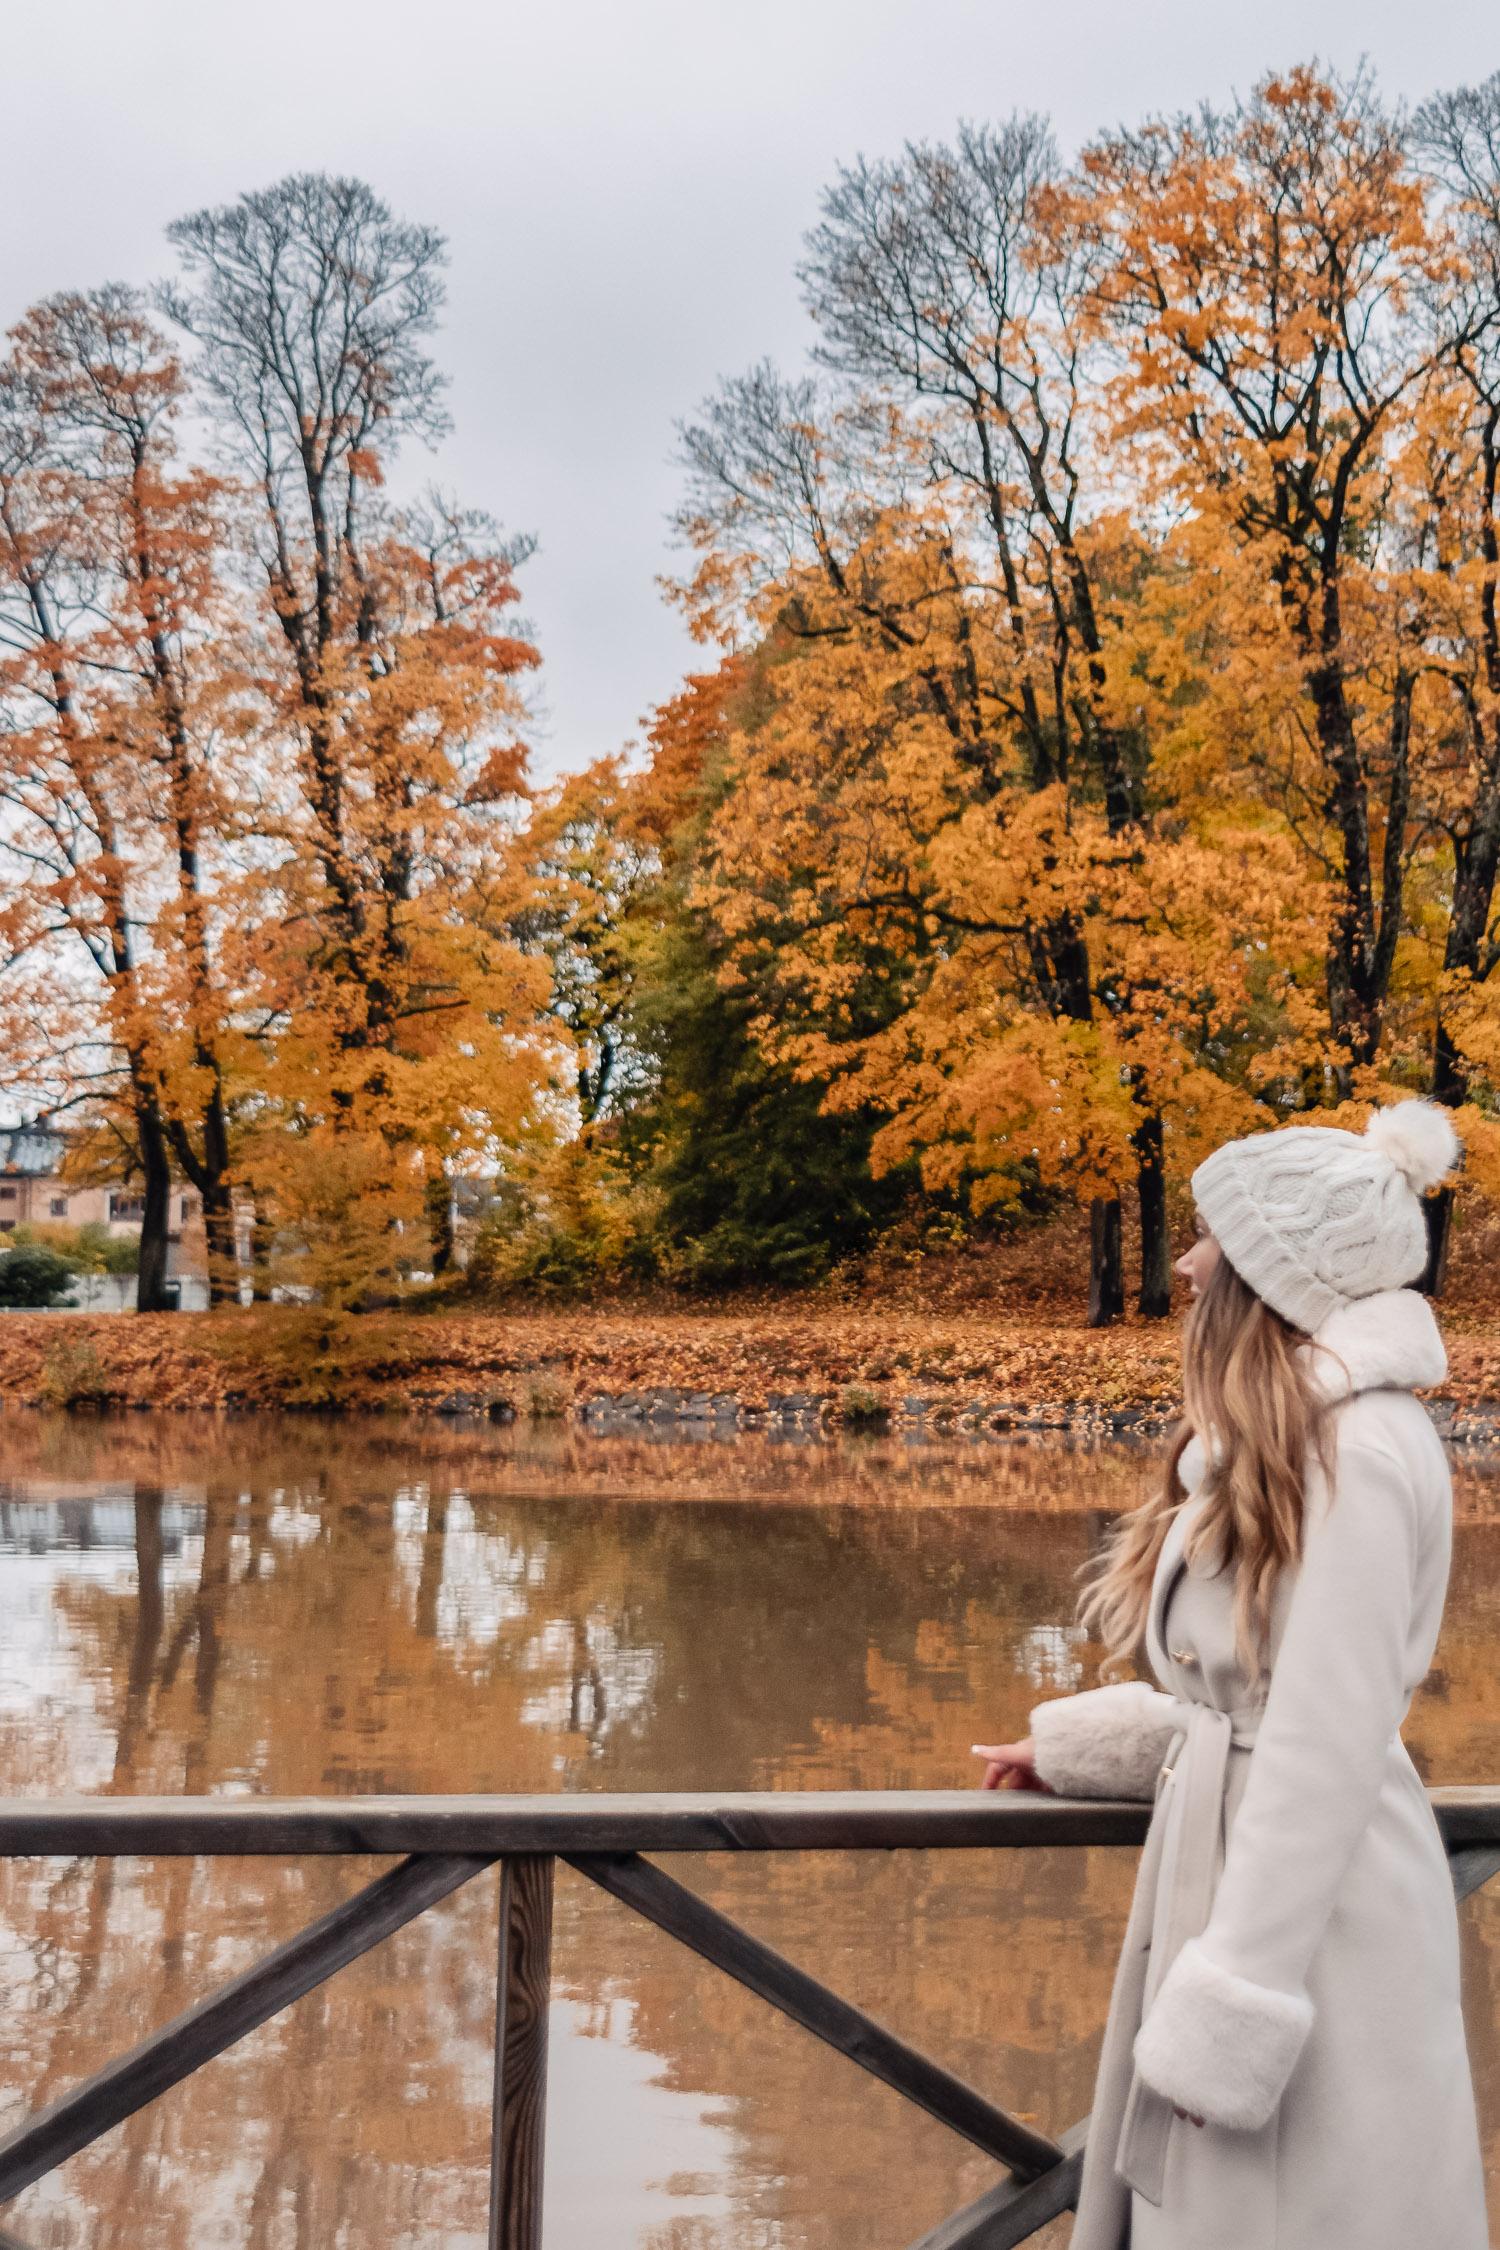 Ida Josefin Eriksson står i vit kappa med fuskpälsdetaljer och blickar ut över spegelblank vy med orangea höstlöv längs Åstråket vid Svartån i Örebro